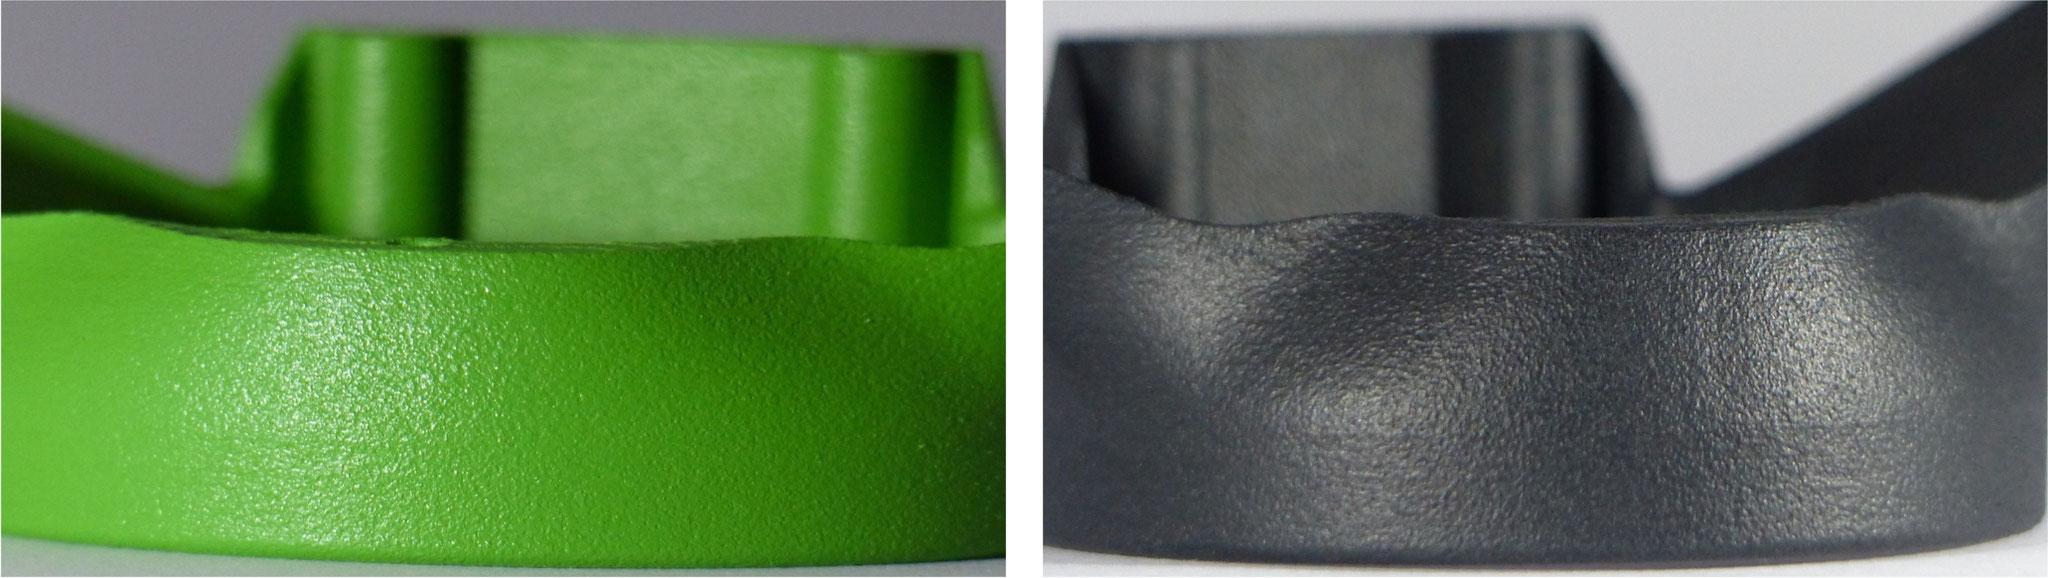 werkzeuglose Serienfertigung von Kunststoffbauteilen in Spritzgussqualität - Rapid Manufacturing bei MFD